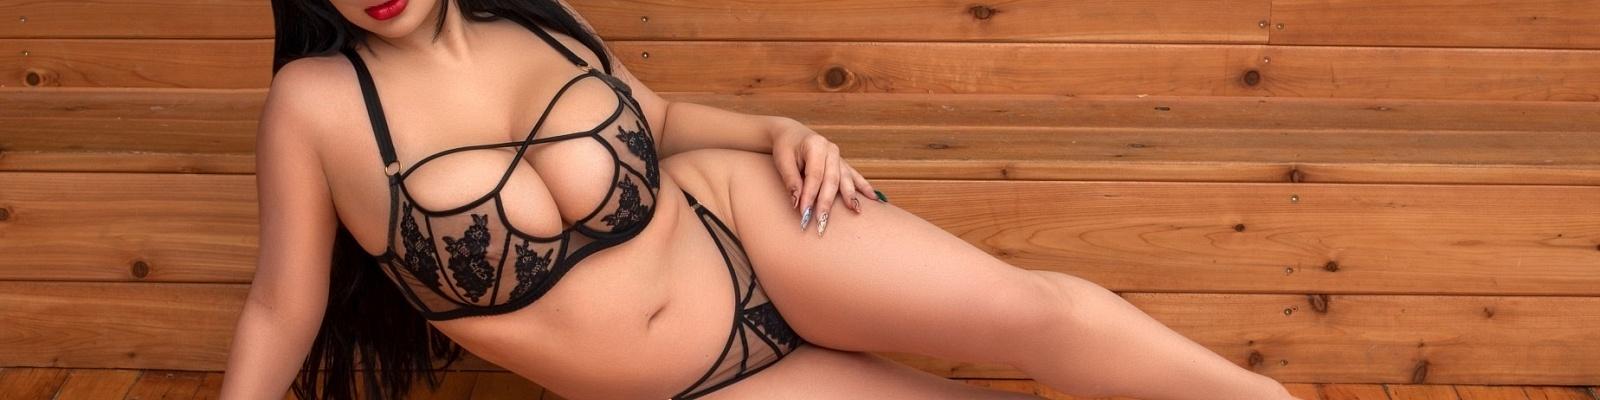 Natasha Nite Escort